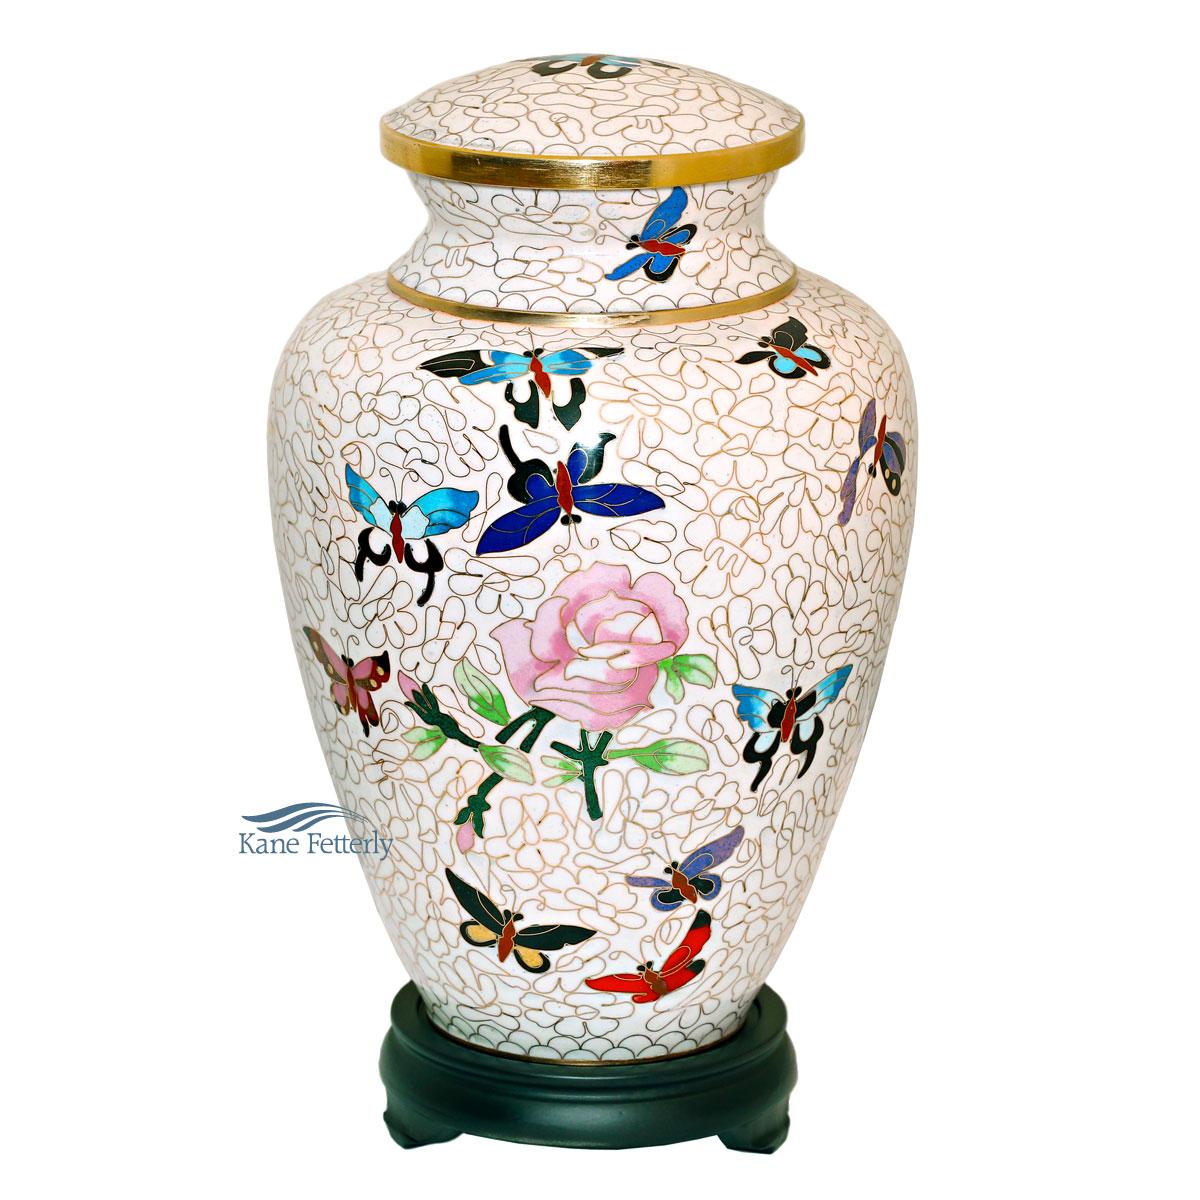 U8586 Cloisonn� urn